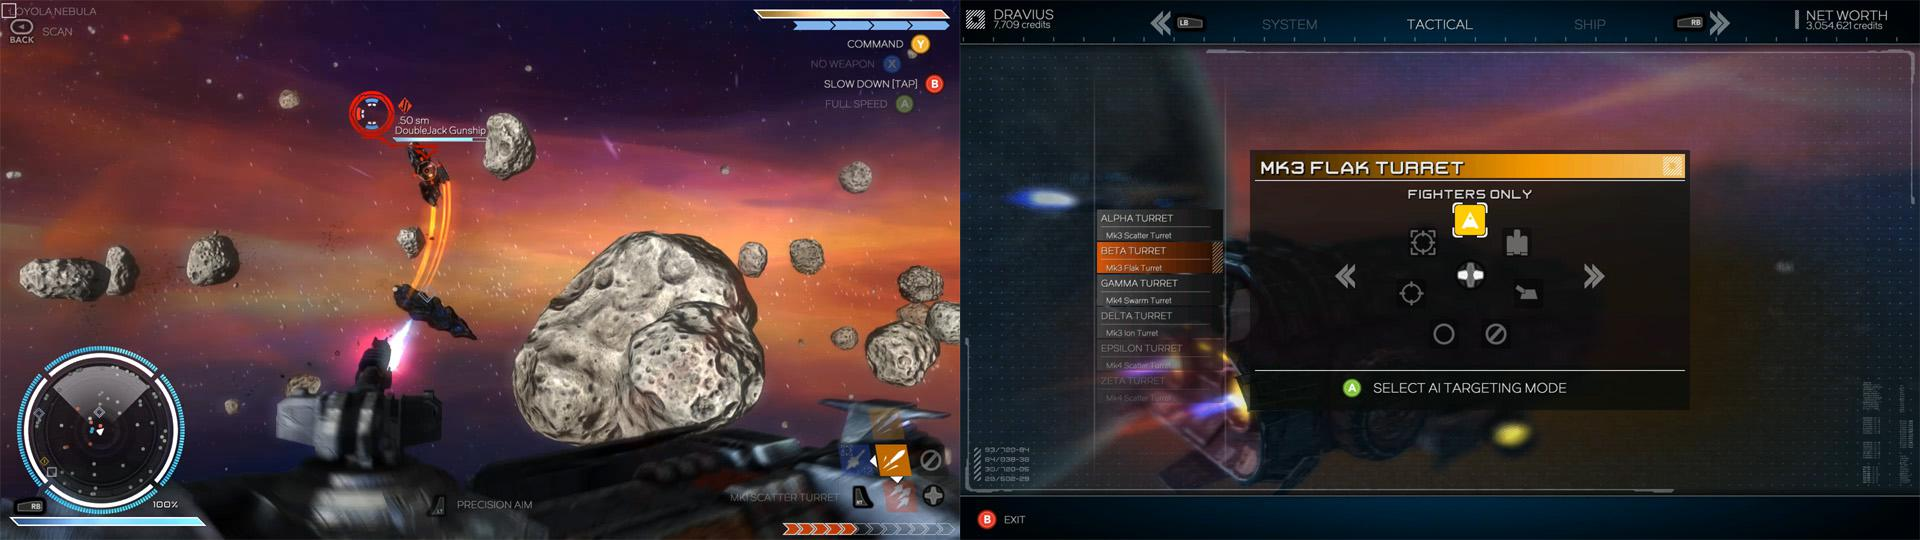 画像左: 側面以外の方向は船殻にとりつけた砲台が担当する。旋回し、射角が広く、立体機動する戦闘機に対処しやすい。砲台操作時は照準に斉射でき、対象への火力が高い。1発で墜ちないためオートエイムがアシストする。 画像右: 主砲操作時は各砲台が自動で攻撃する。照準対象を対機・対船と設定でき、対船ロケット・EMPバーストといった副砲とともに主砲戦を補佐する。操作技術や仕事のヤマにあわせた宇宙船を設計しよう。